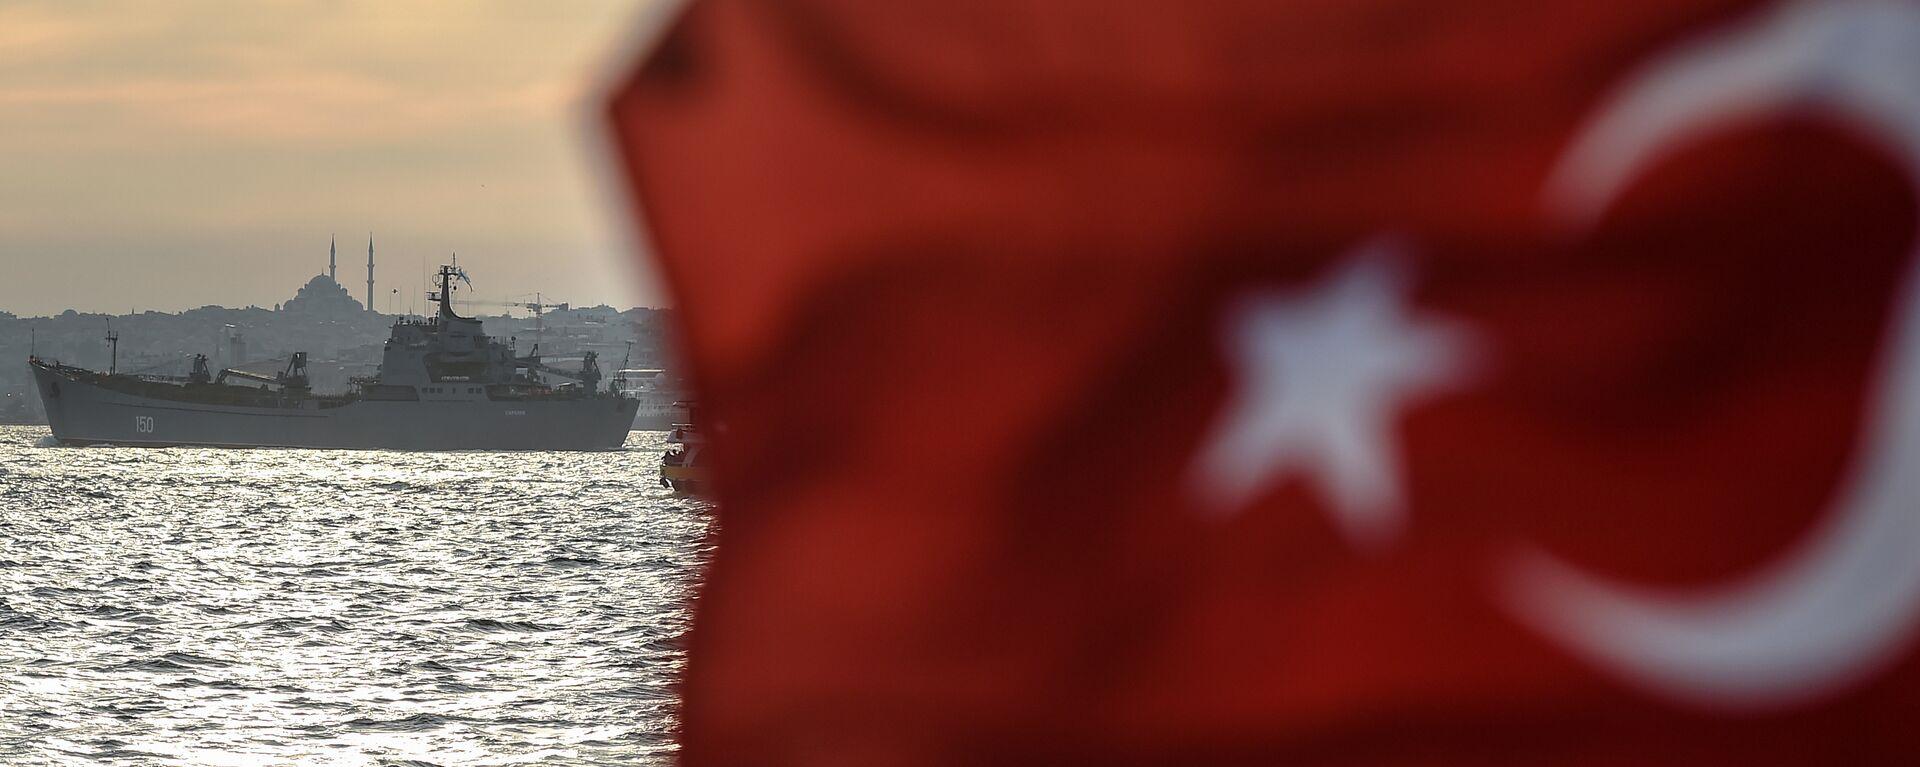 Σημαία της Τουρκίας - Sputnik Ελλάδα, 1920, 05.10.2021